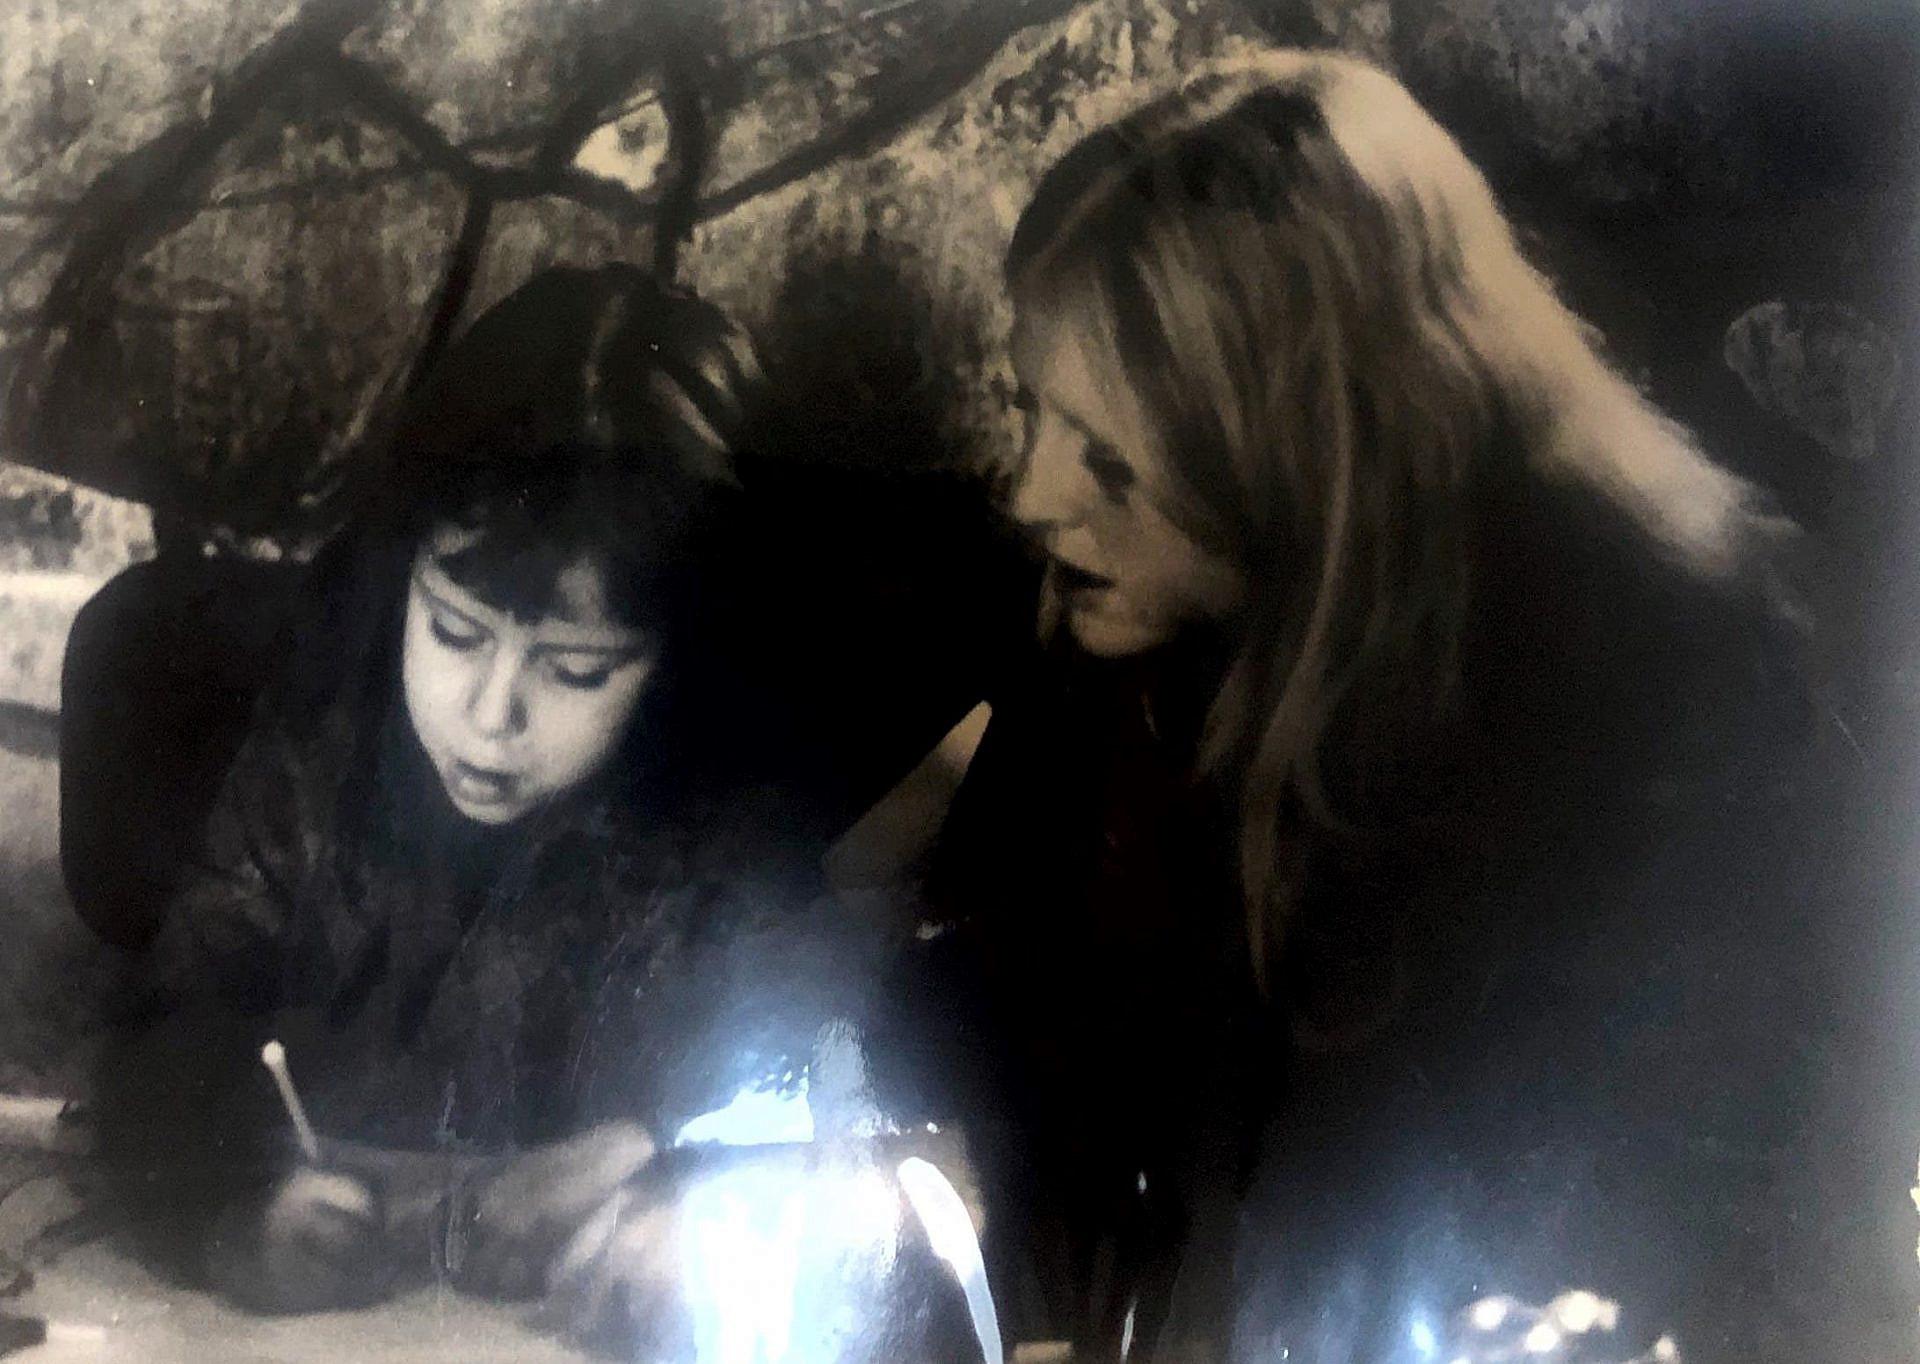 """""""אני בקפה בילדותי עם דודה מיכי. ככל הזכור לי זה היה חג החנוכה. אני בת 6 או 7"""". איילת נחמיאס ורבין (צילום: דני שניאור)"""